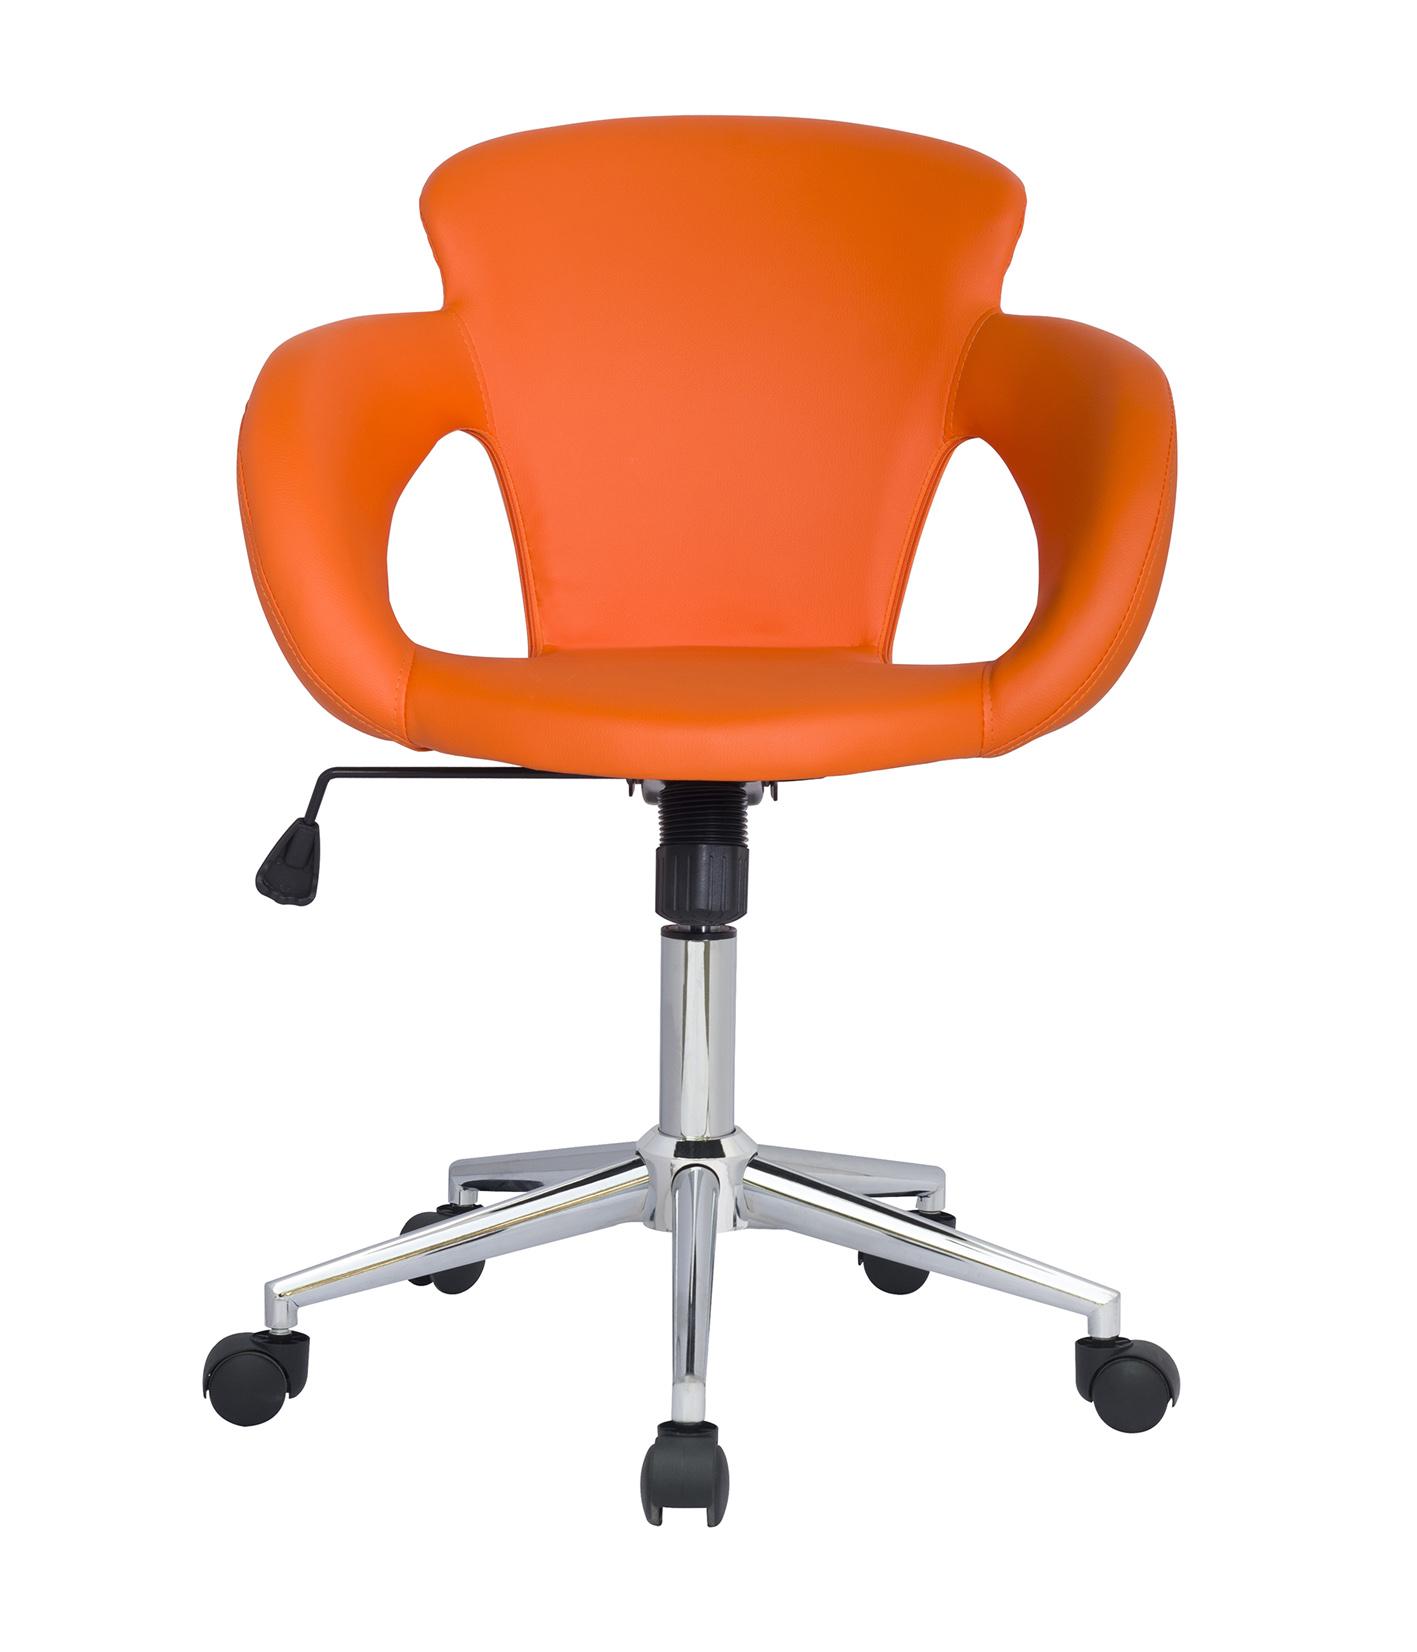 Sixbros chaise de bureau en diffententes couleur m 65335 1 ebay - Chaise de bureau massante ...